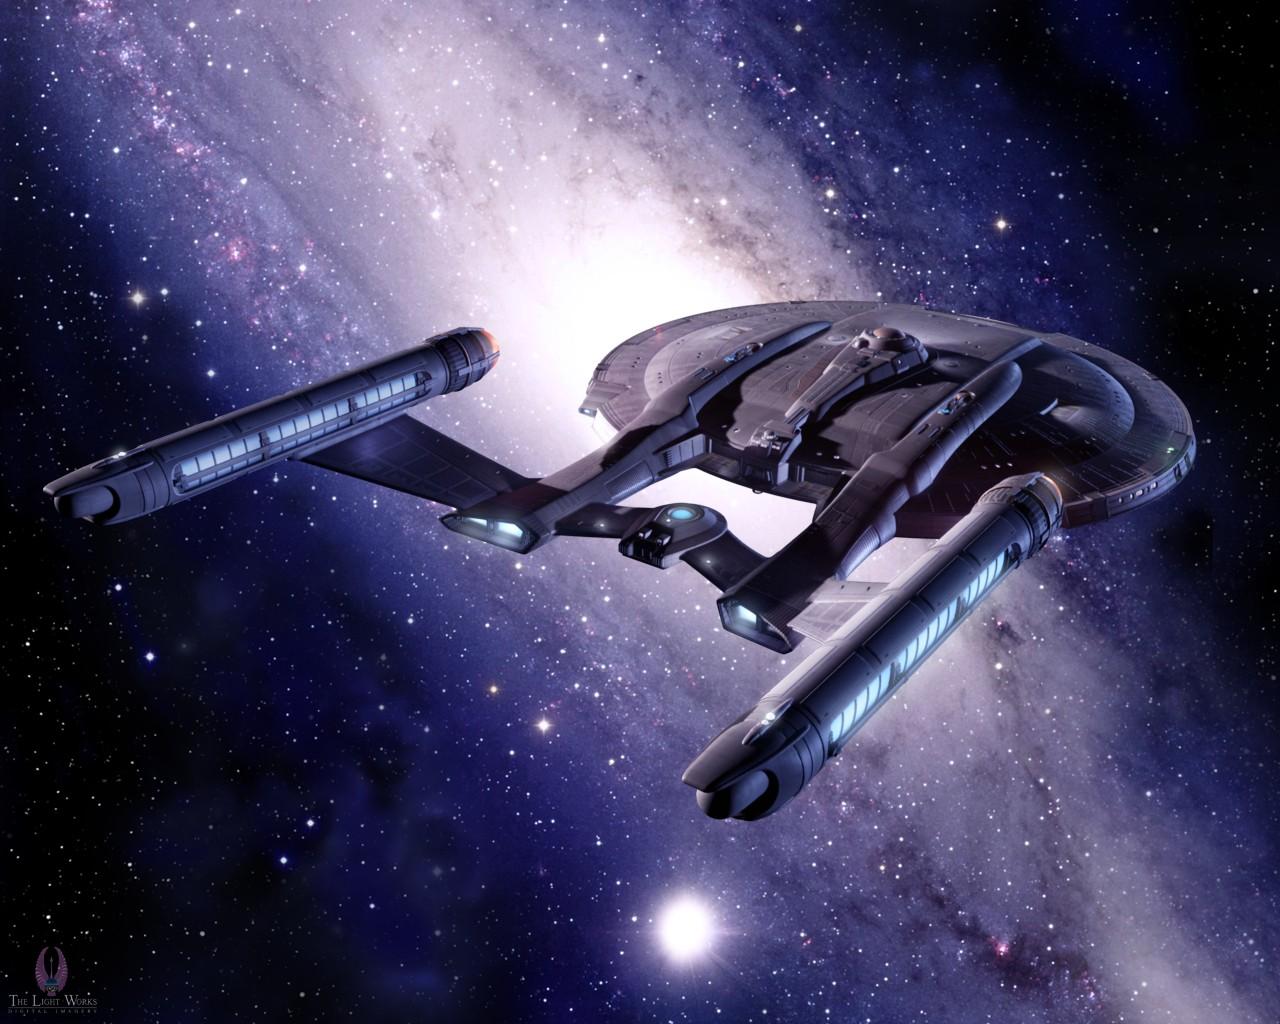 enterprise-nx01-wallpaper.jpg